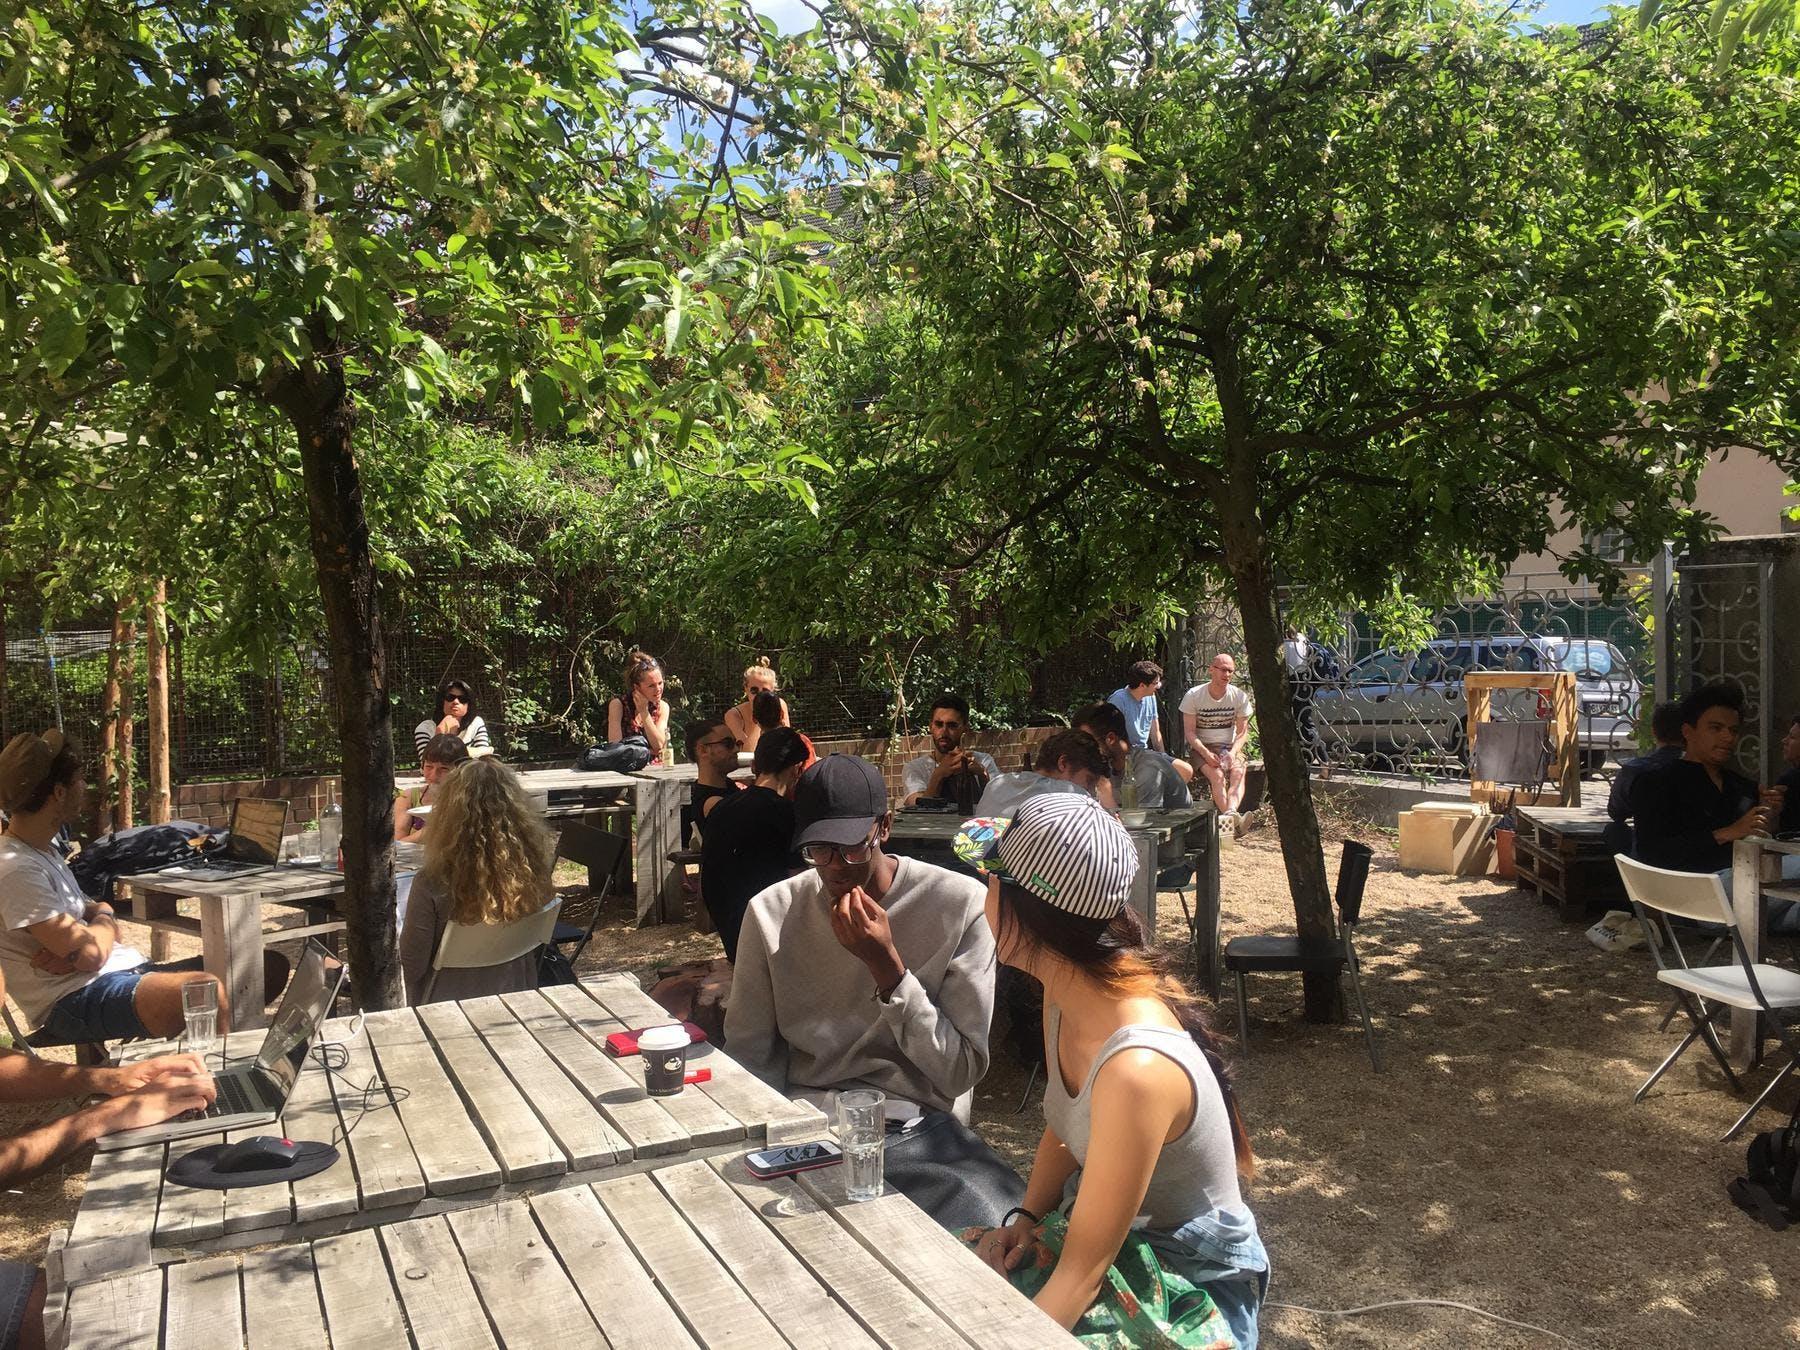 Agora Garten mit Leuten